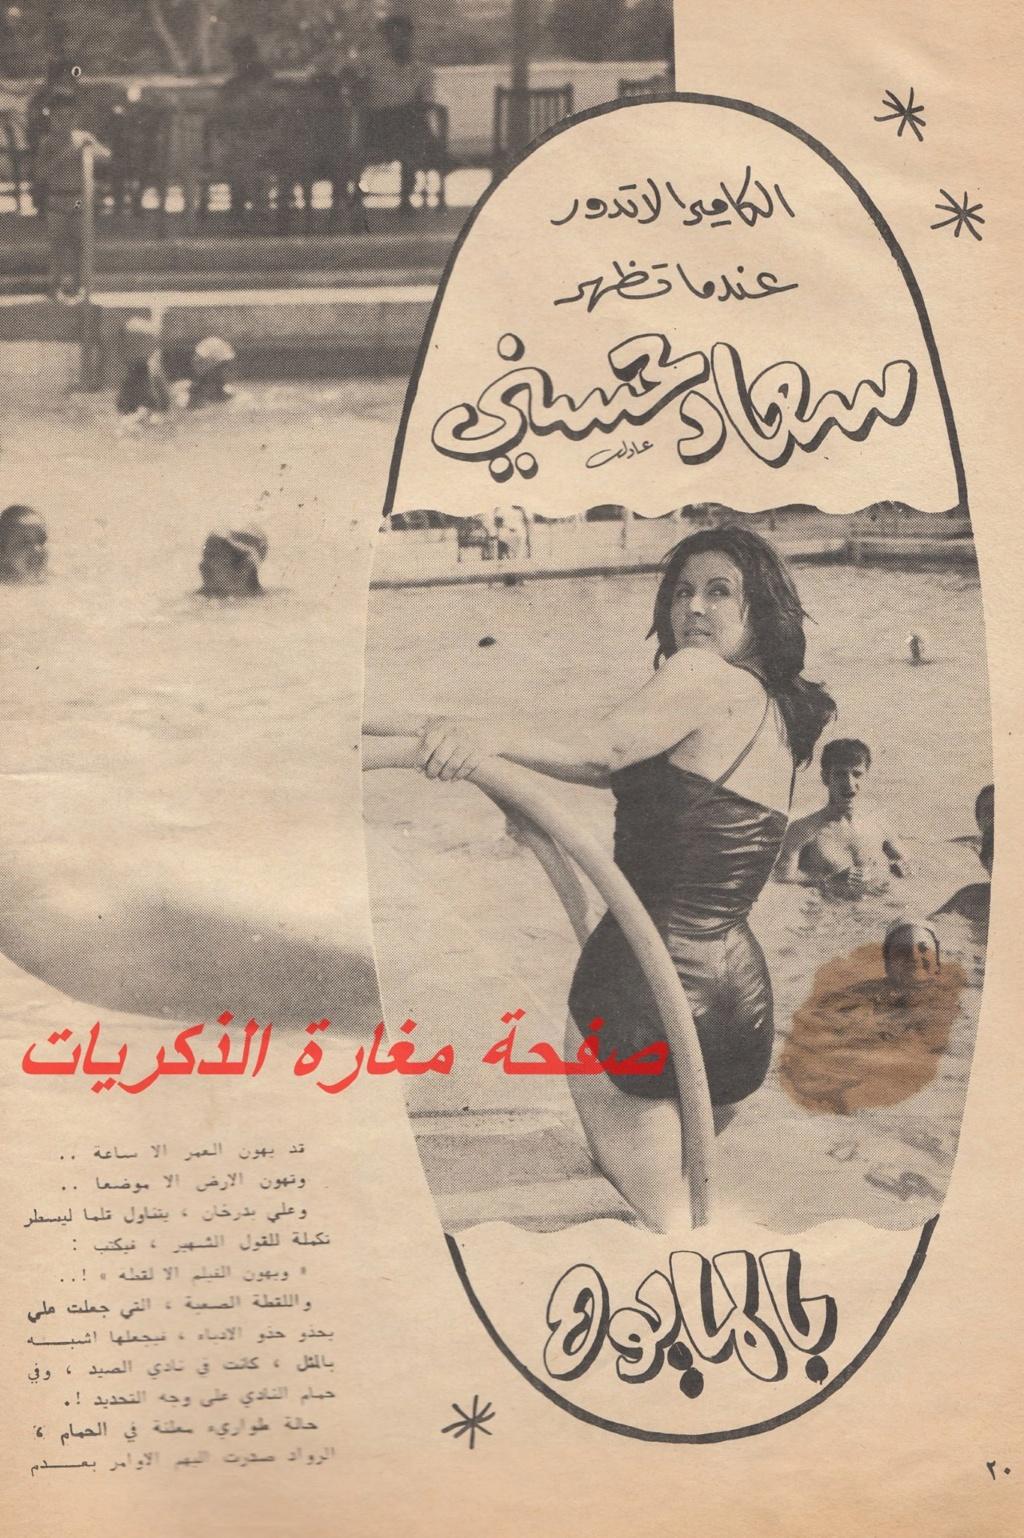 مقال - مقال صحفي : الكاميرا لاتدور عندما تظهر سعاد حسني بالمايوه 1971 م 1164